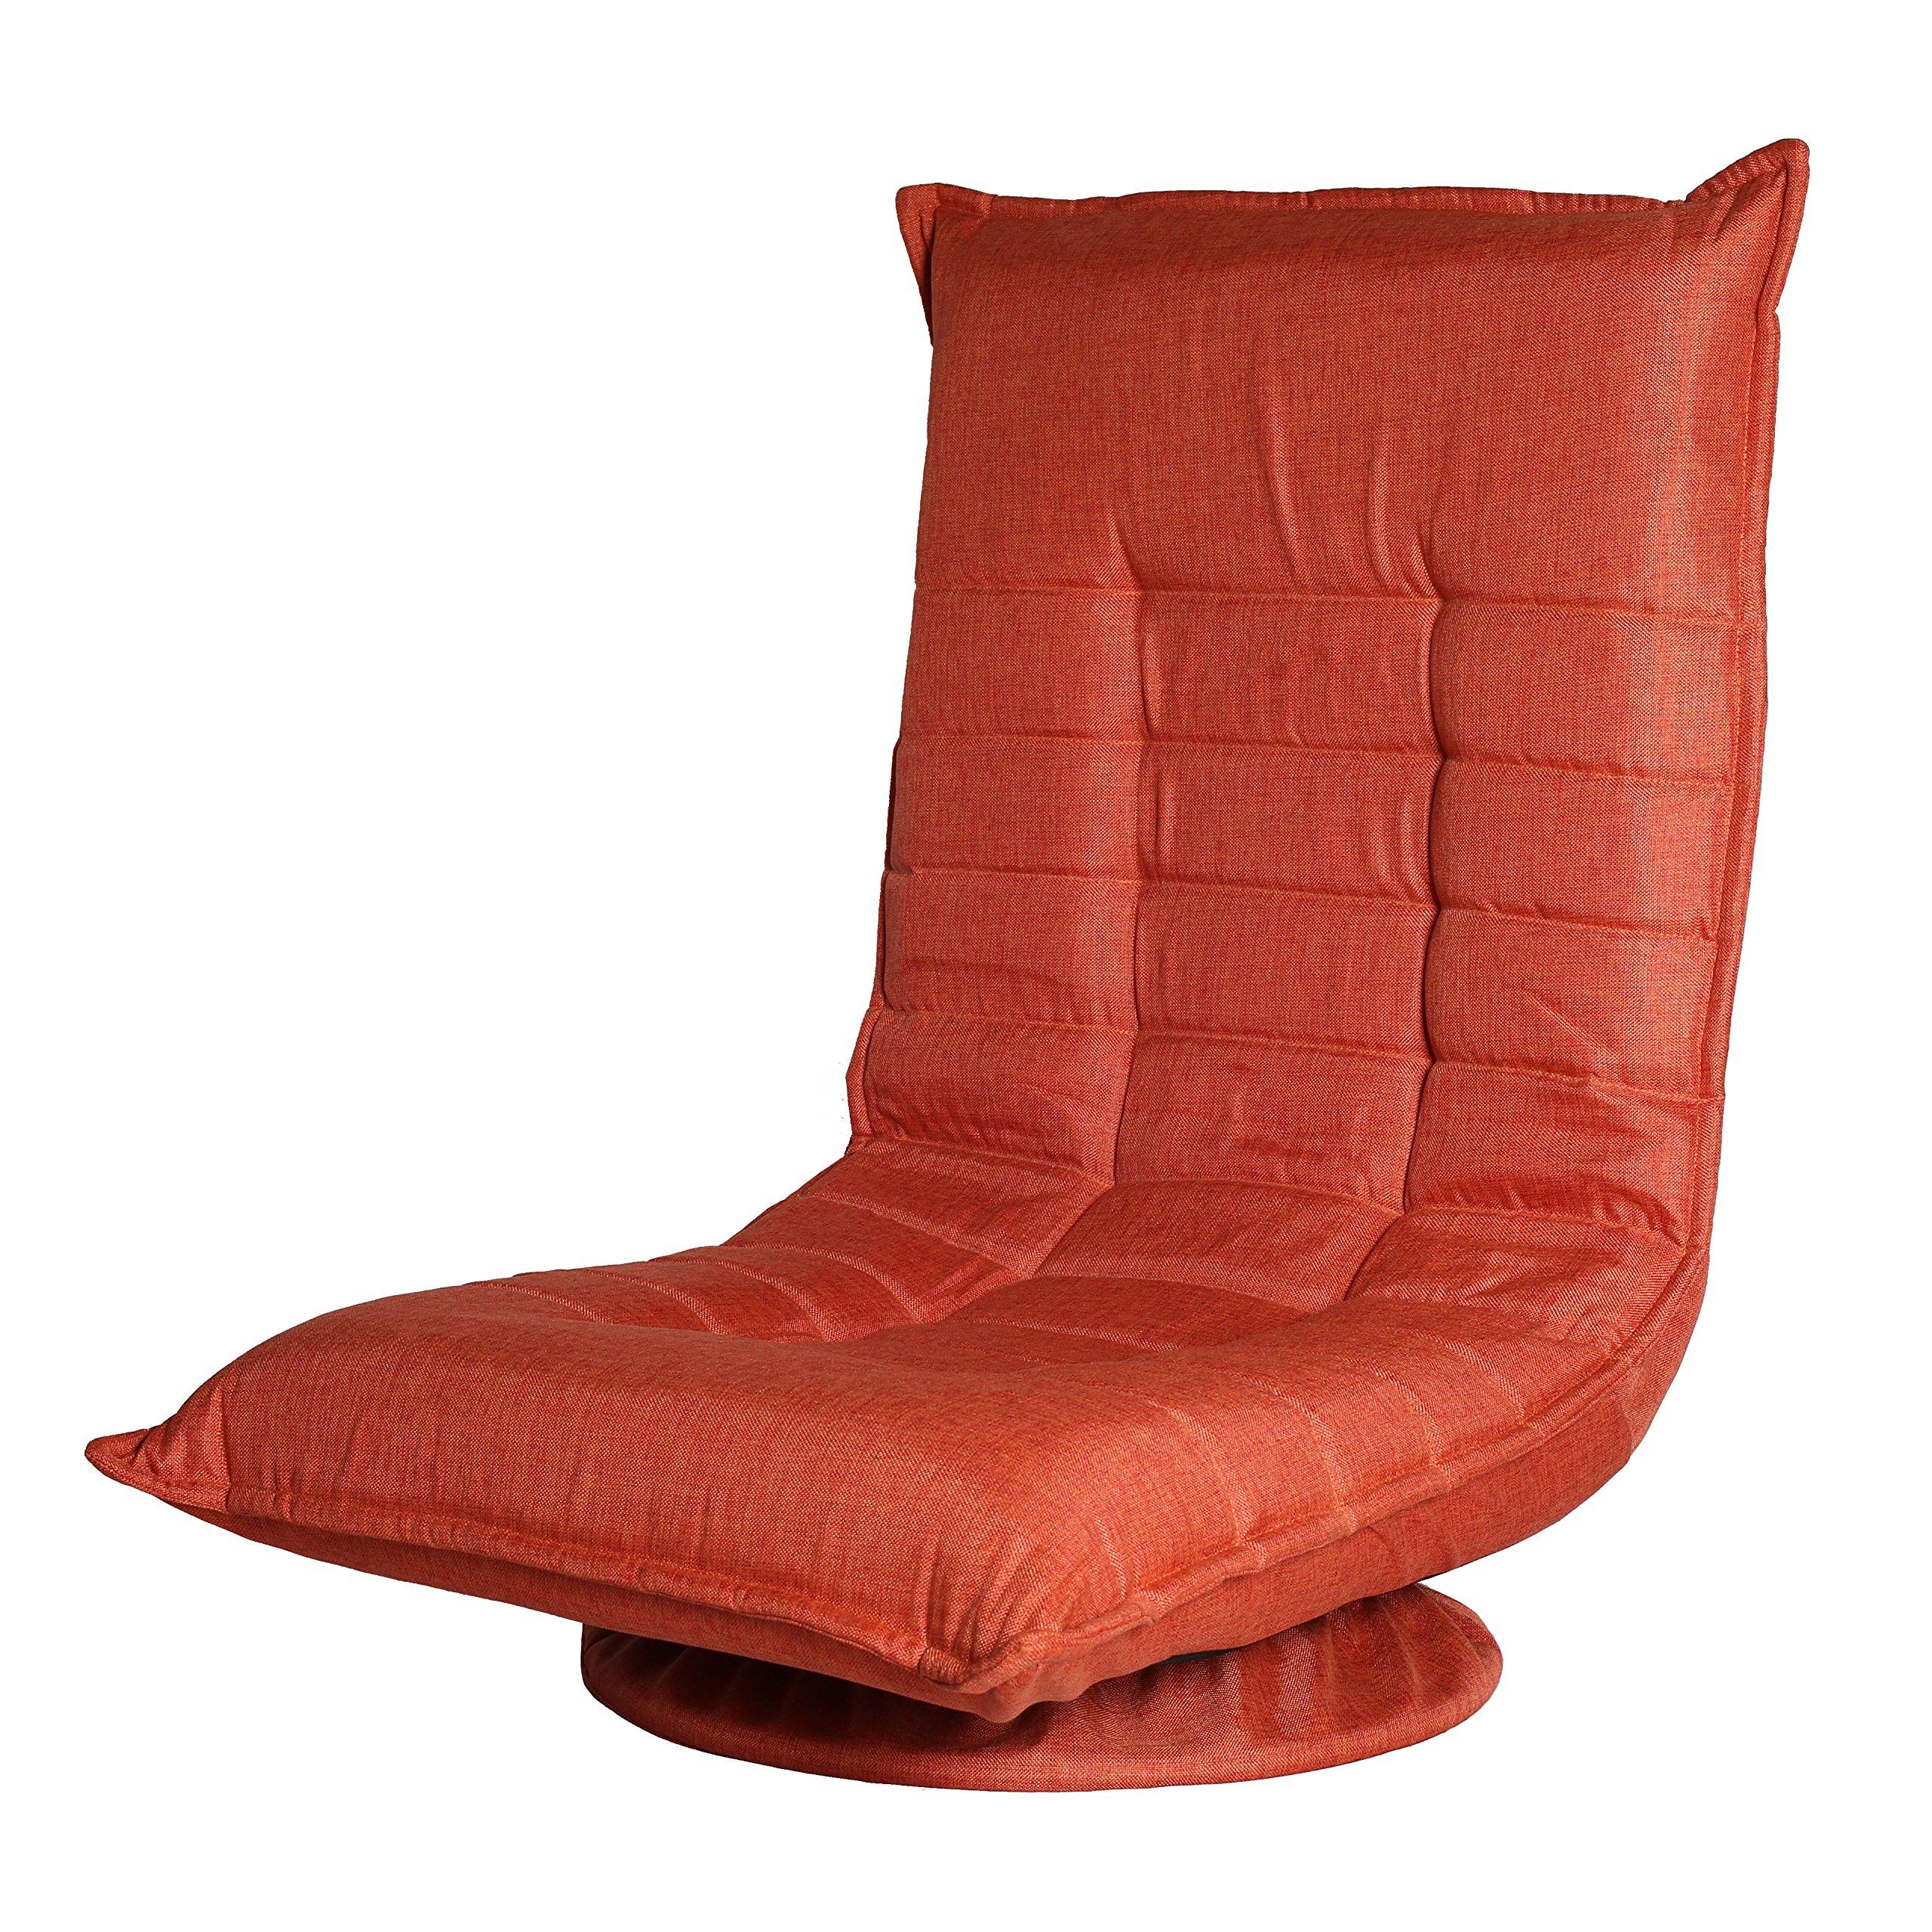 Ollypulse 360 Degree Swivel Folding Floor Sofa Chair for Video Games, Orange